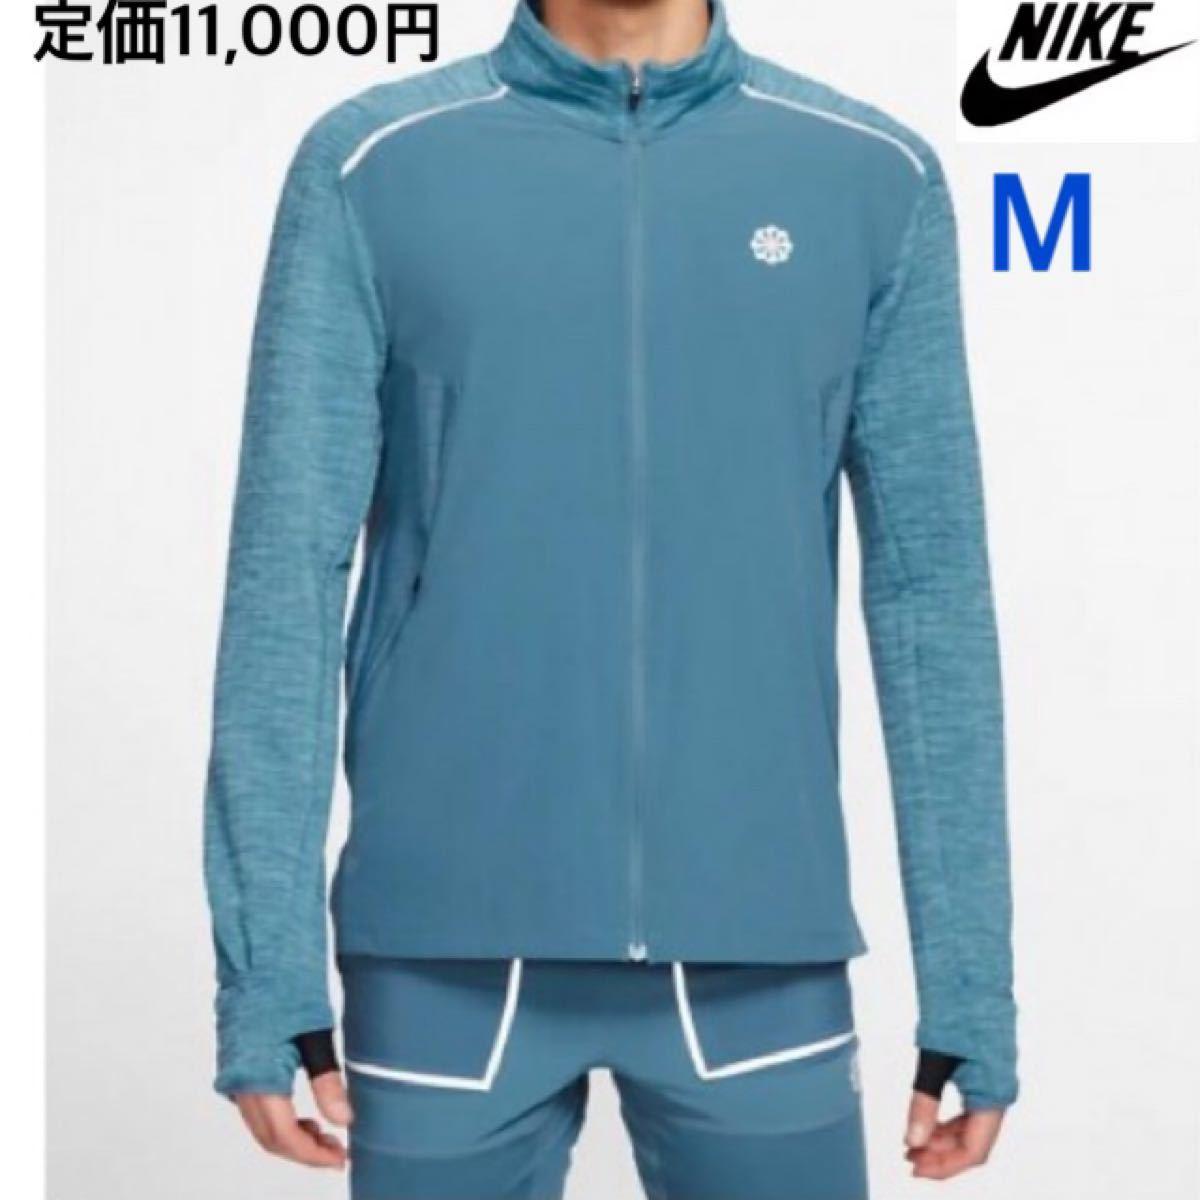 NIKE メンズM ロングスリーブ ランニングトップ 定価11,000円